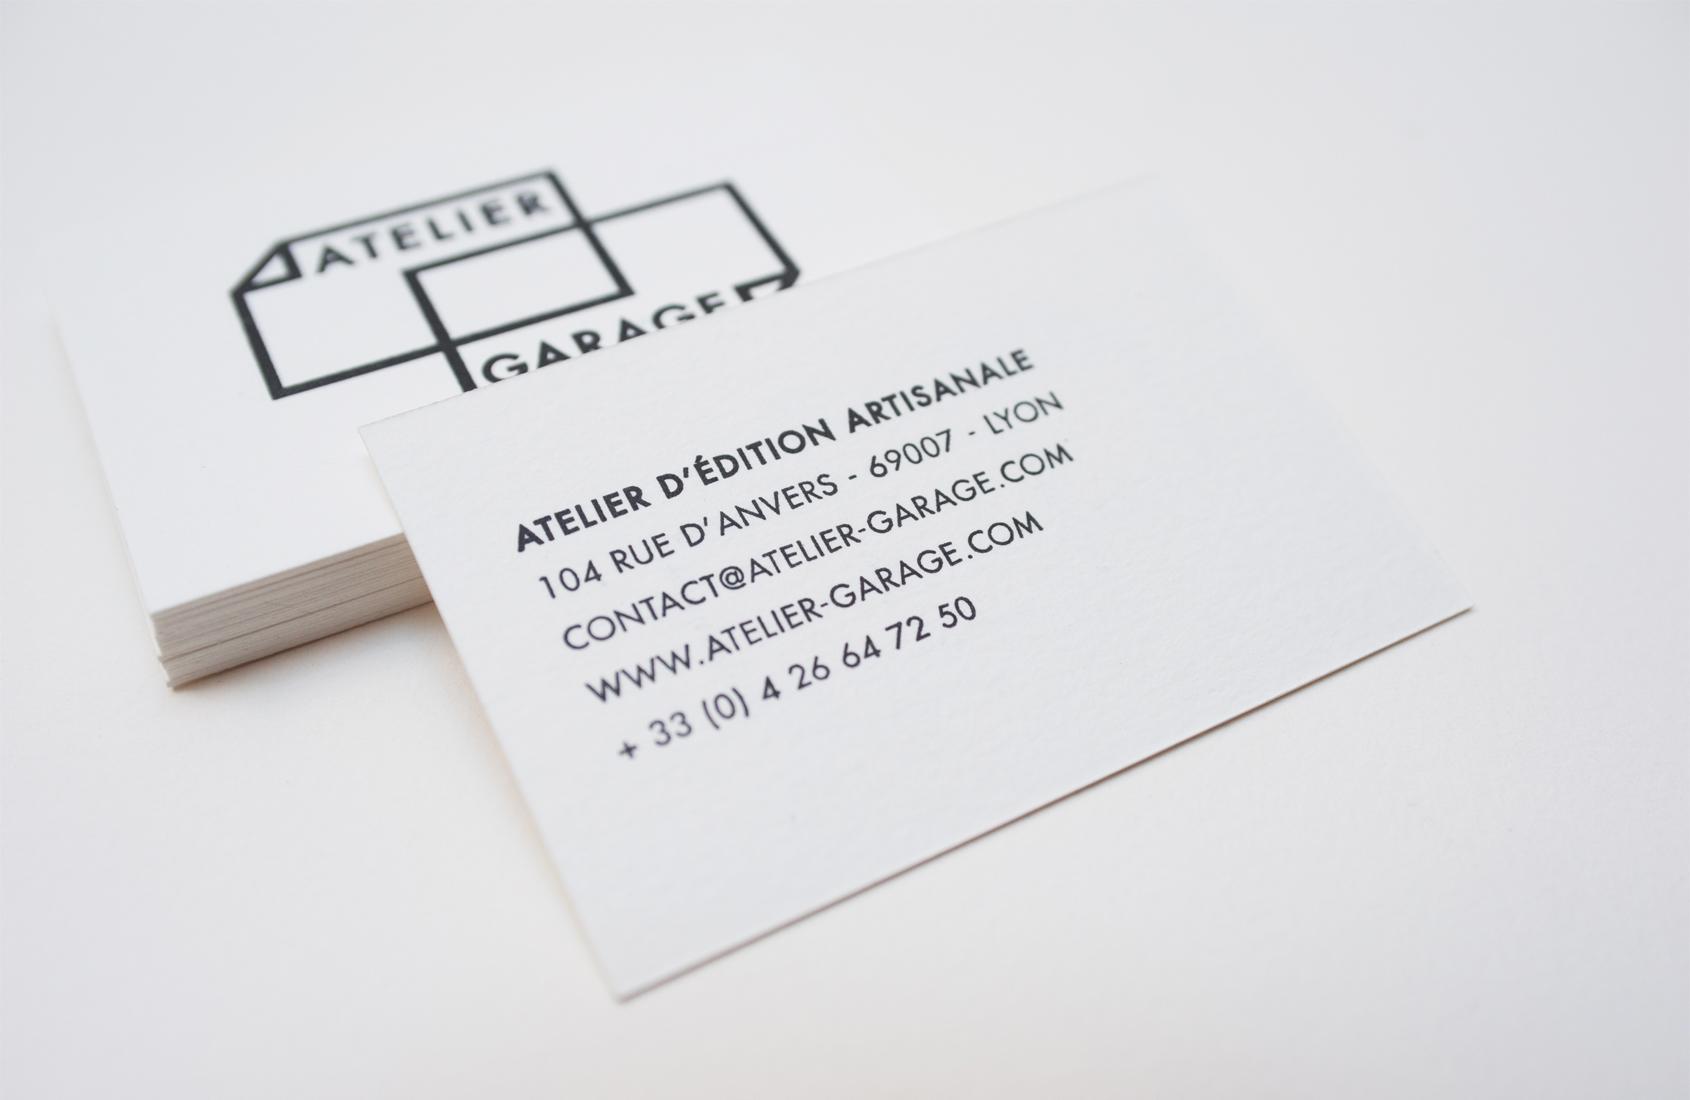 Cration Du Logo Et Impression Des Cartes De Visite Dadhrent Pour LAtelier Garage Atelier Ddition Artisanale Associatif Avec Lequel Nous Partageons